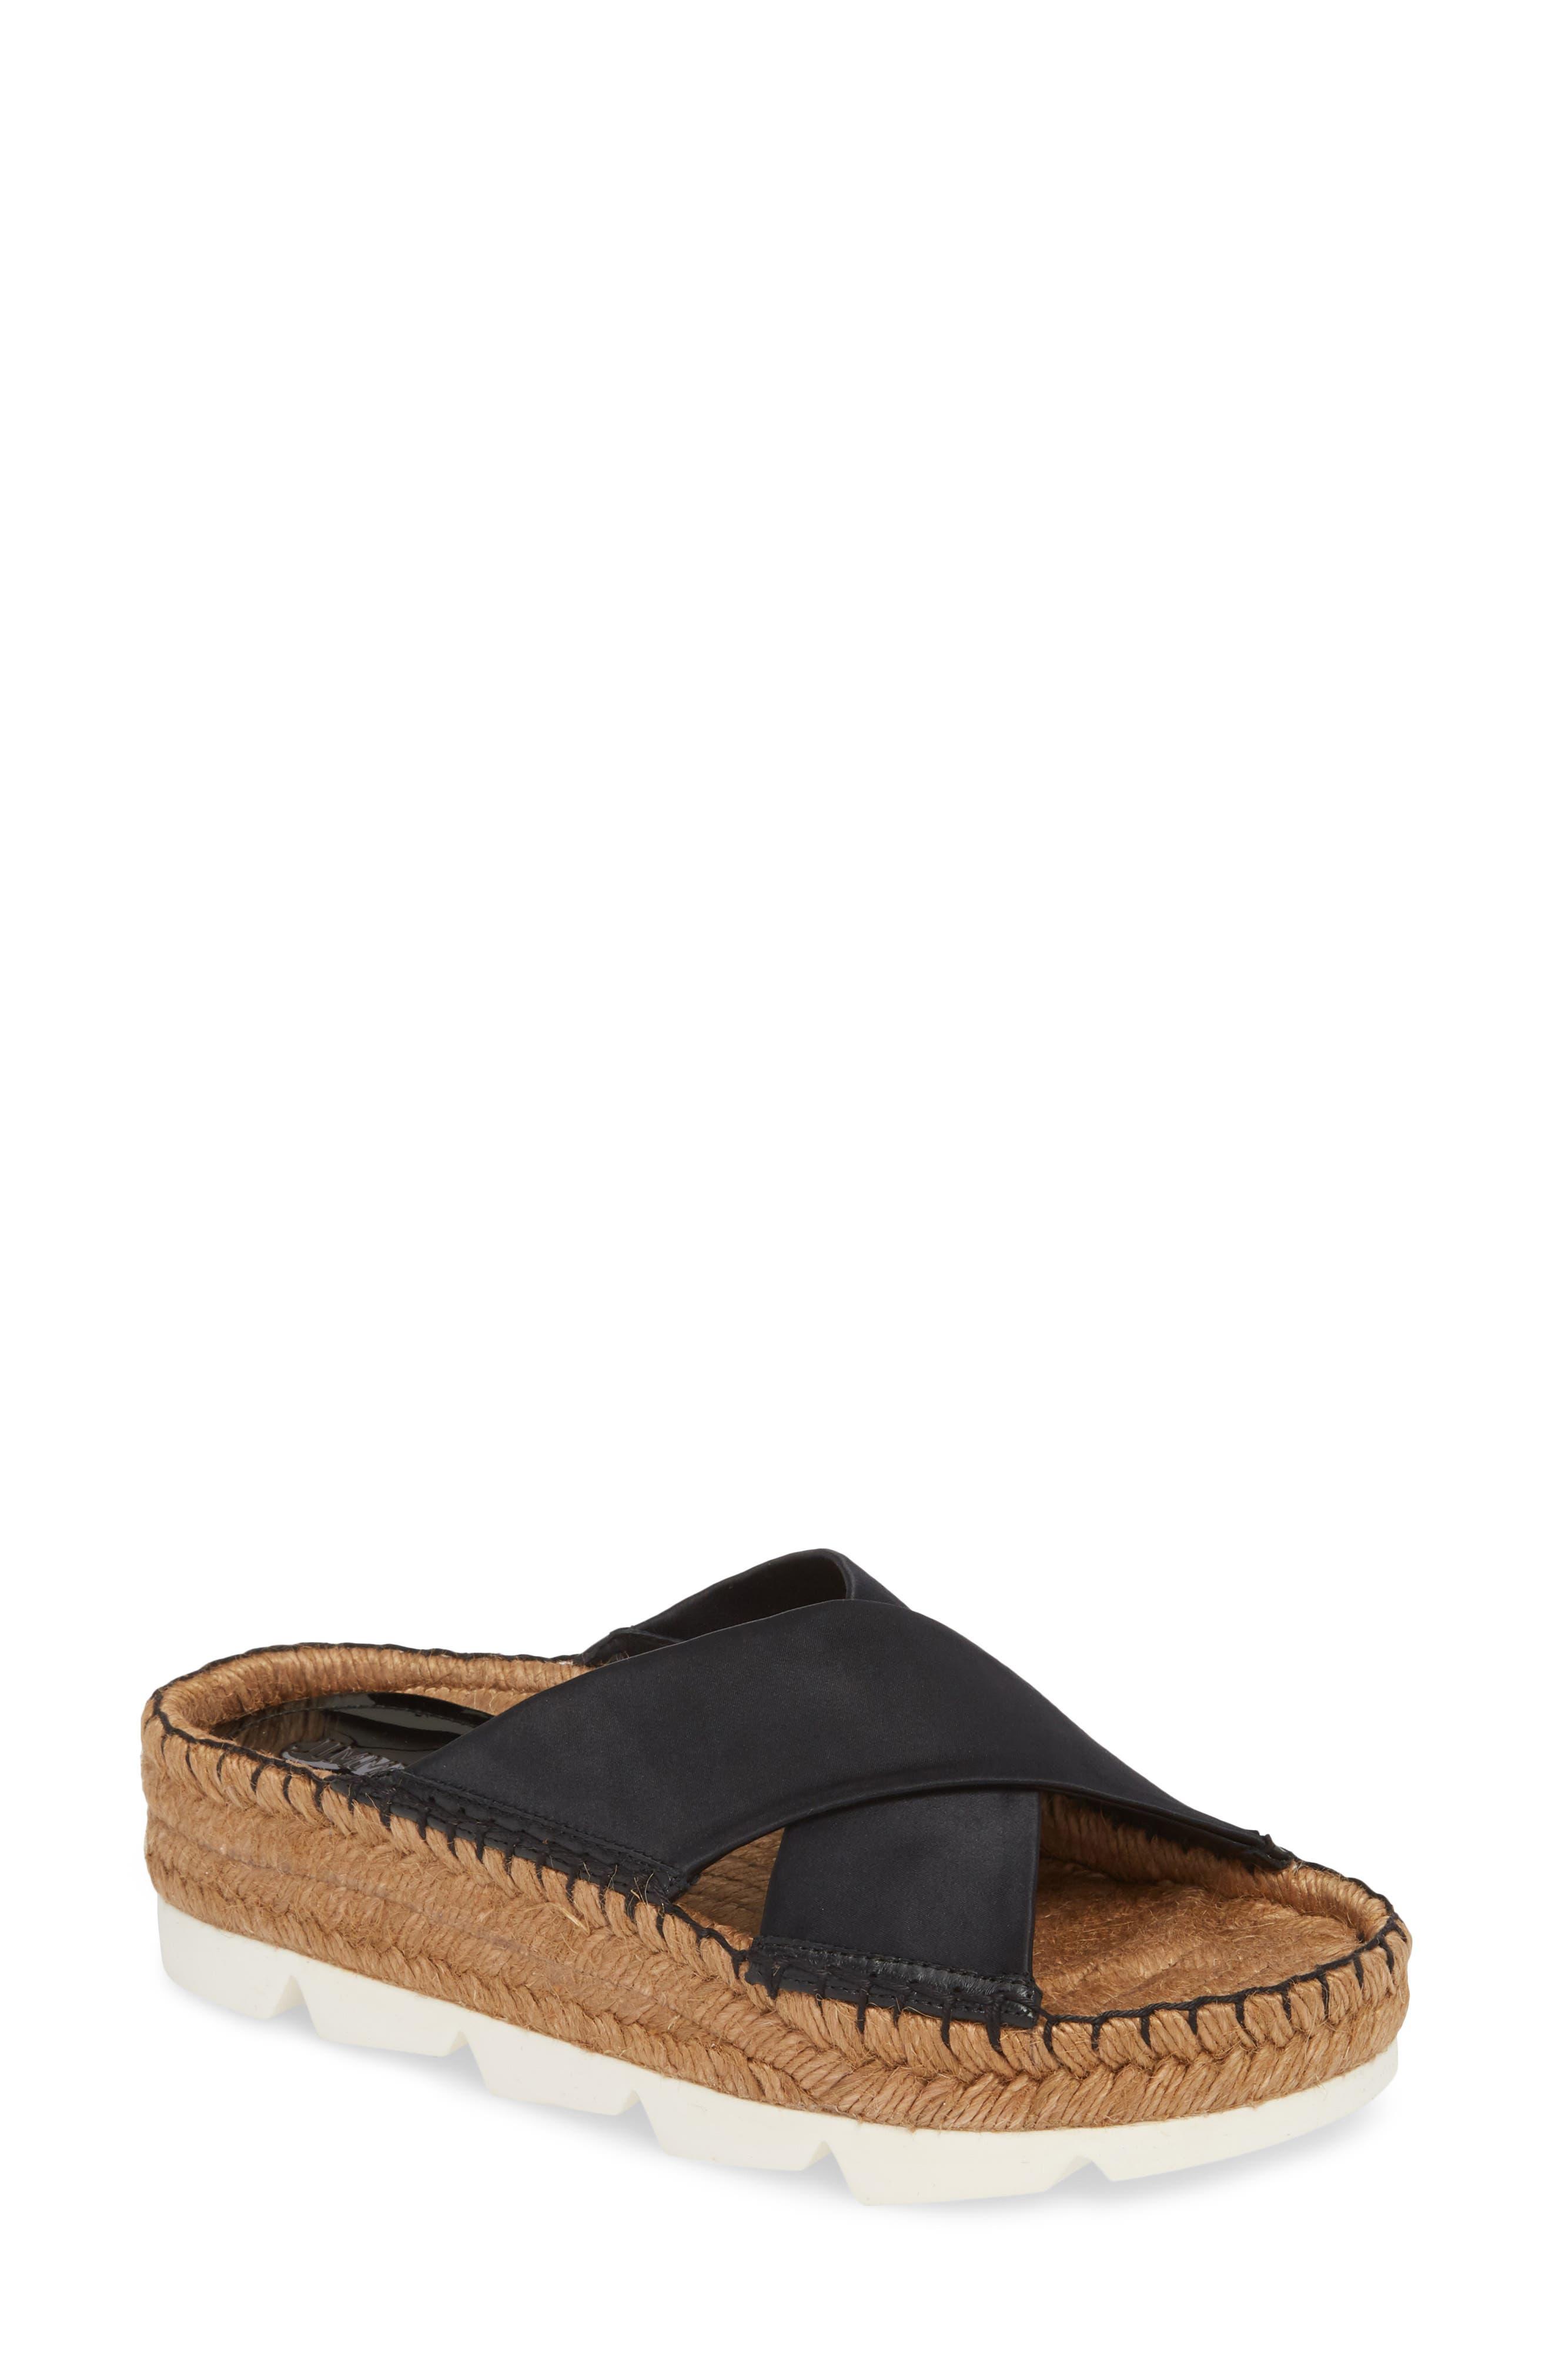 Danae Double Strap Espadrille Slide Sandal,                         Main,                         color, Black